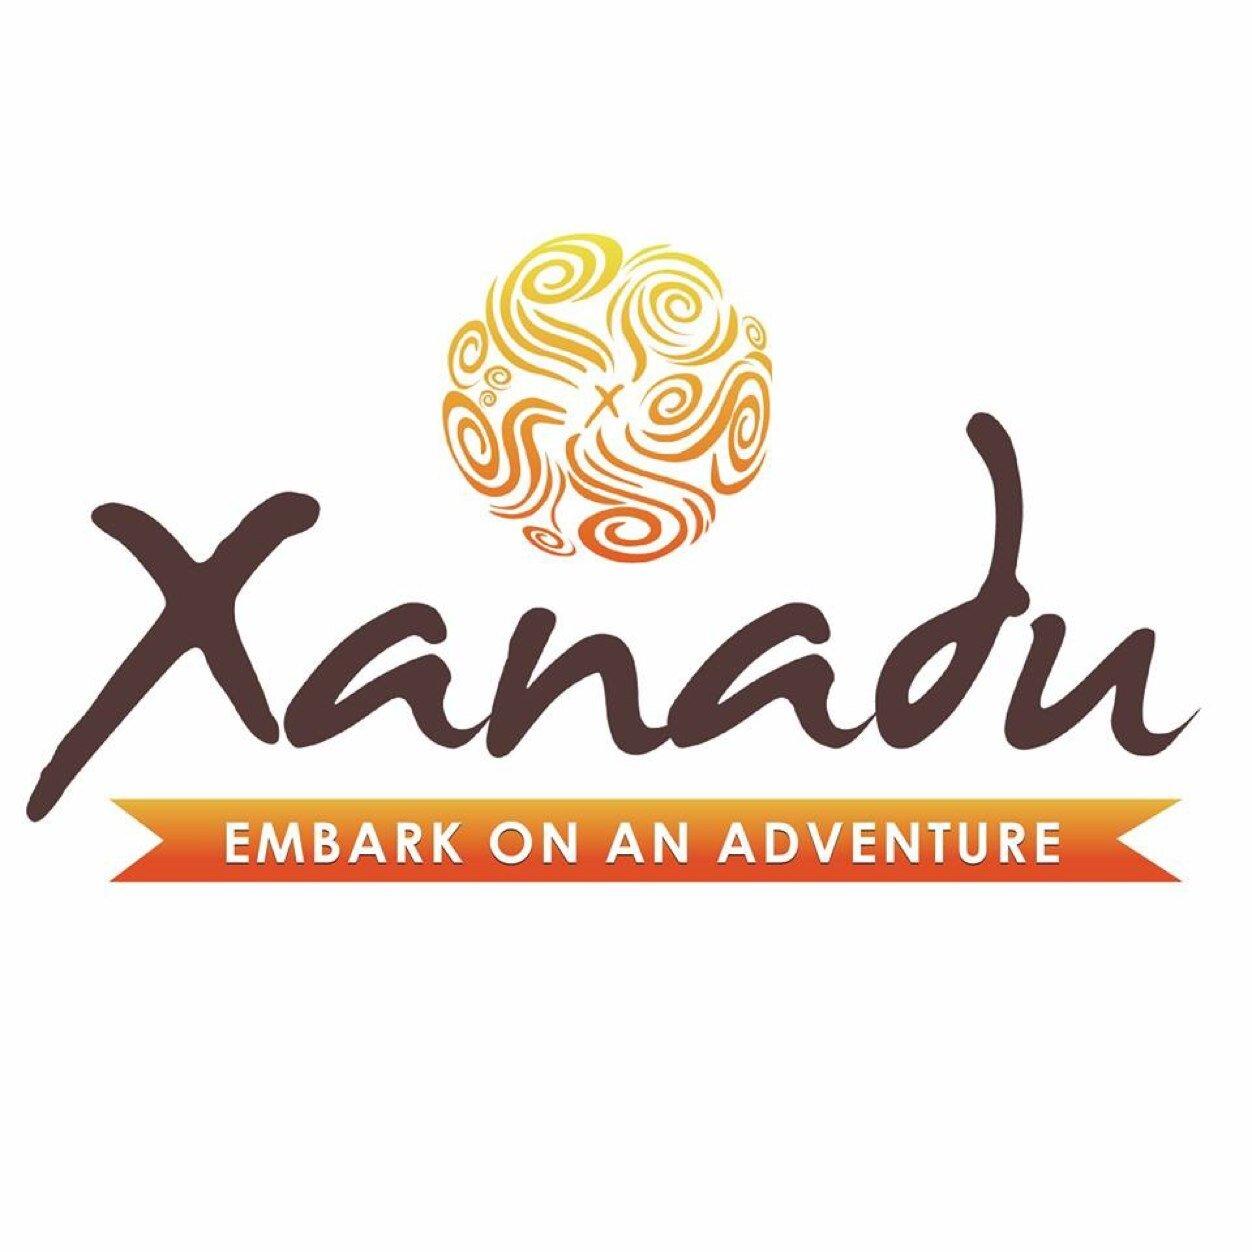 The Xanadu Life on Twitter: